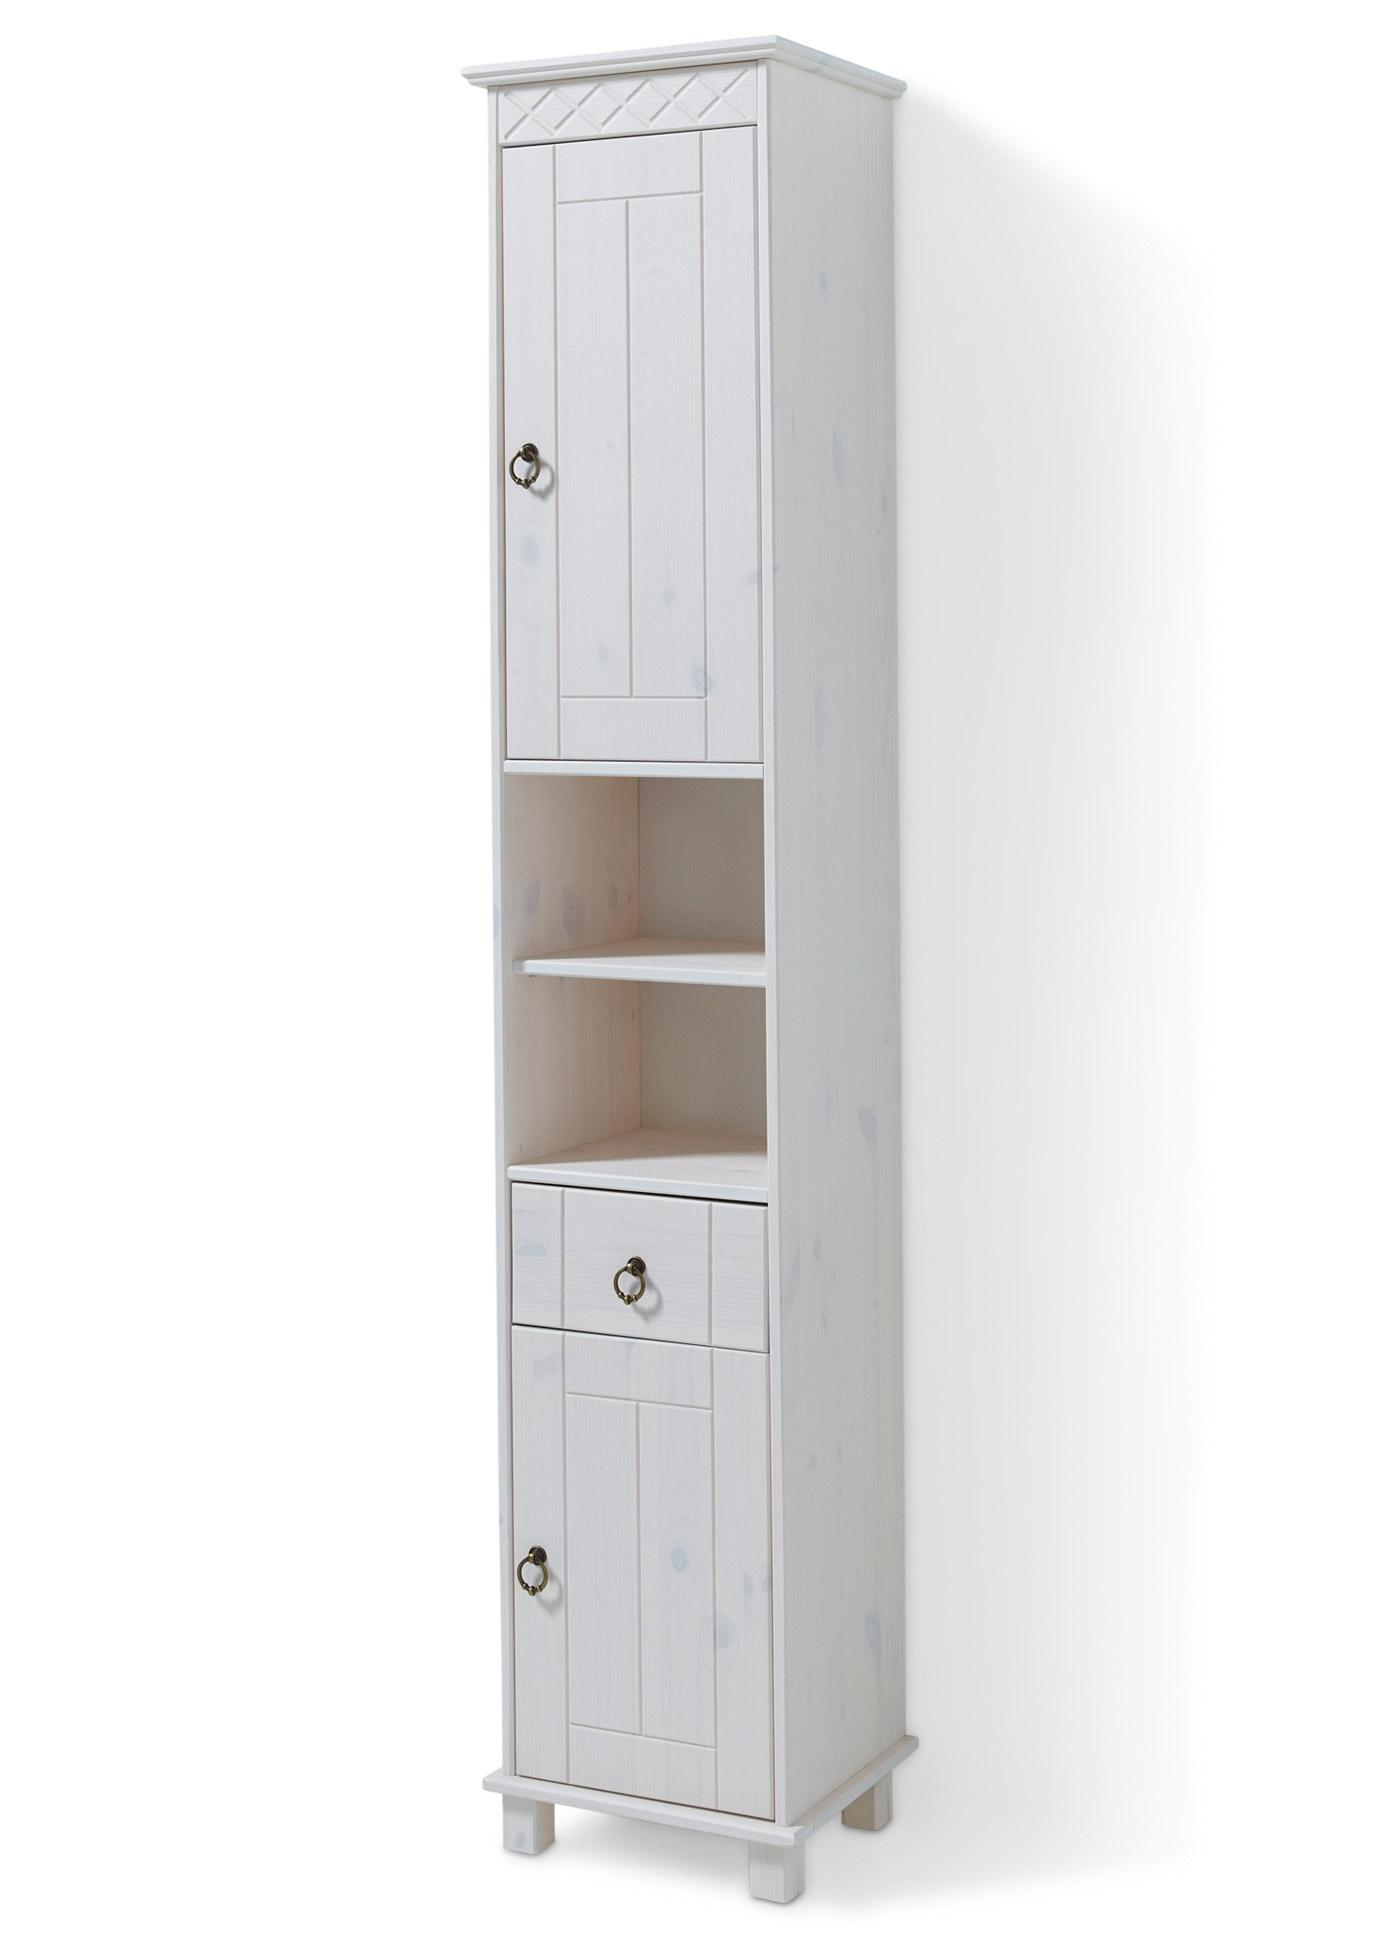 schmaler schrank weiss preisvergleiche. Black Bedroom Furniture Sets. Home Design Ideas